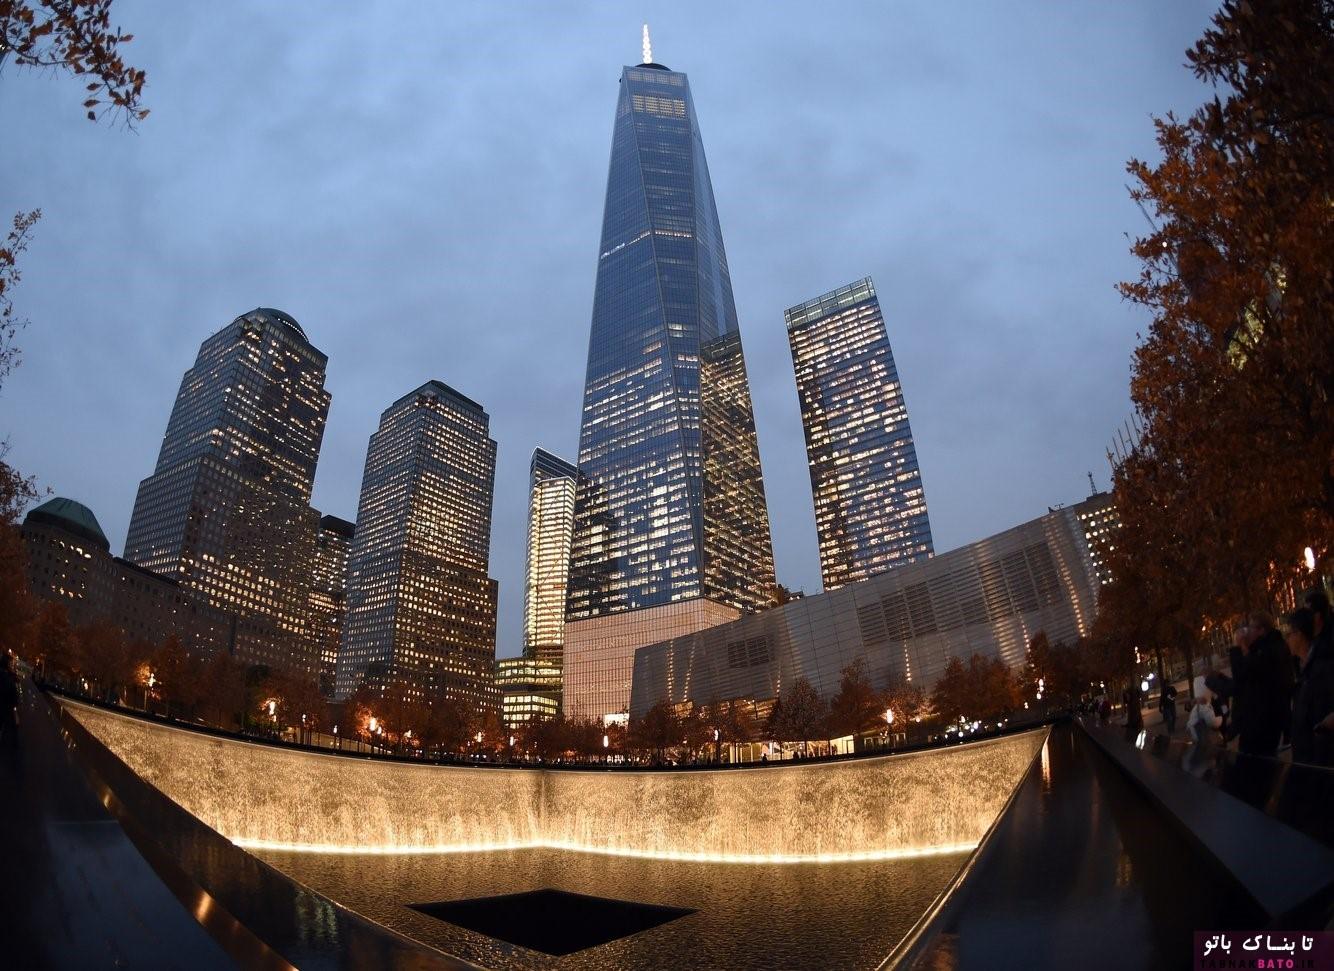 20 عکس تکان دهنده از حمله 11 سپتامبر